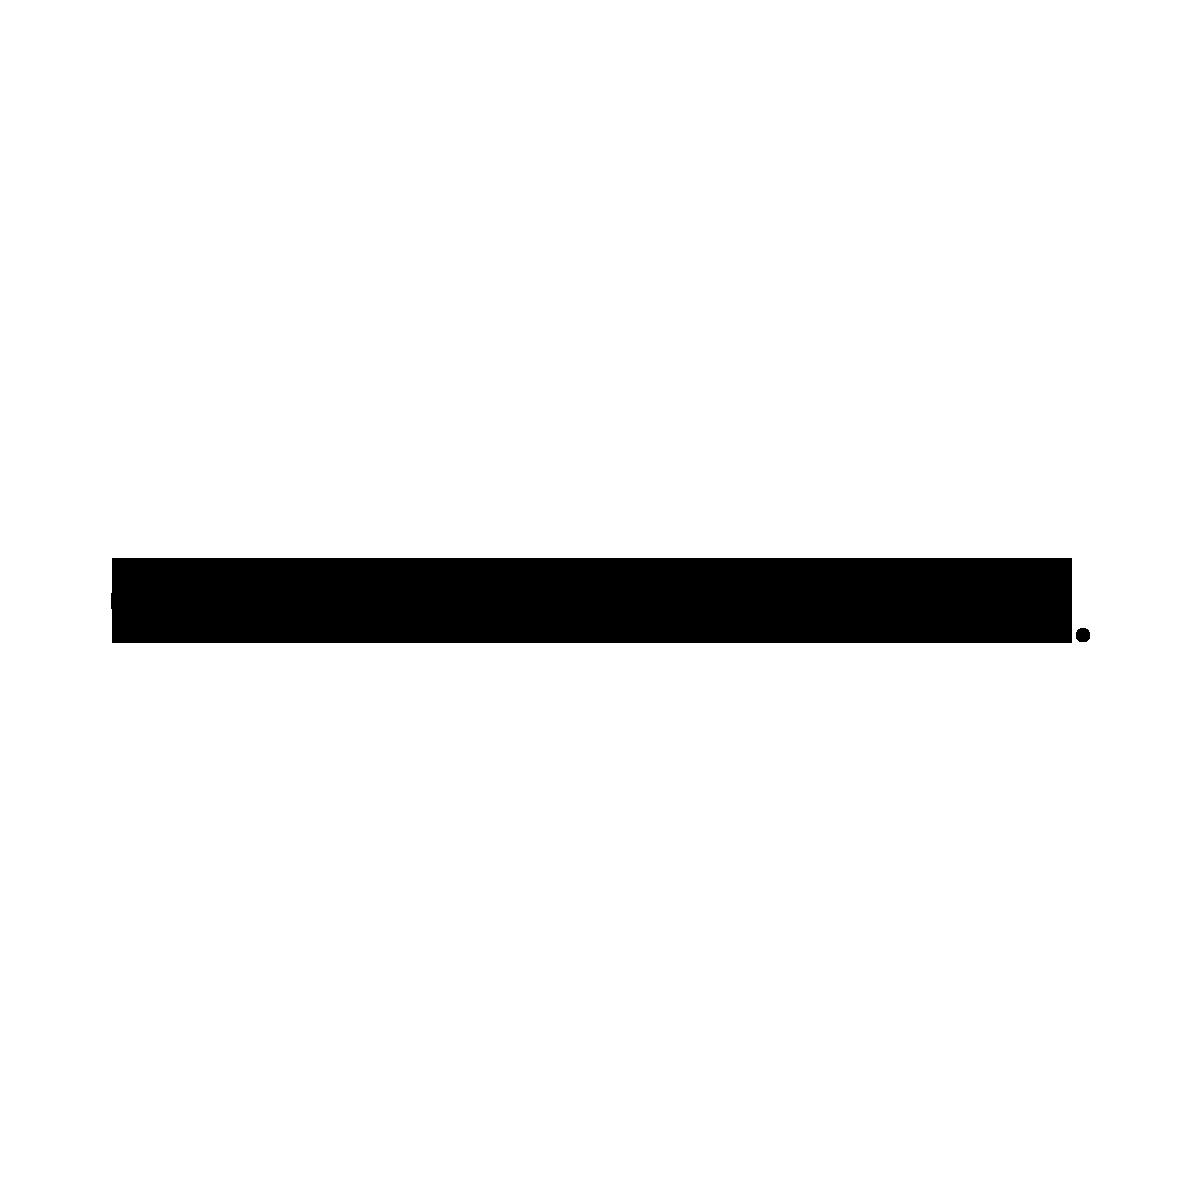 Sneaker-zebra-print-black